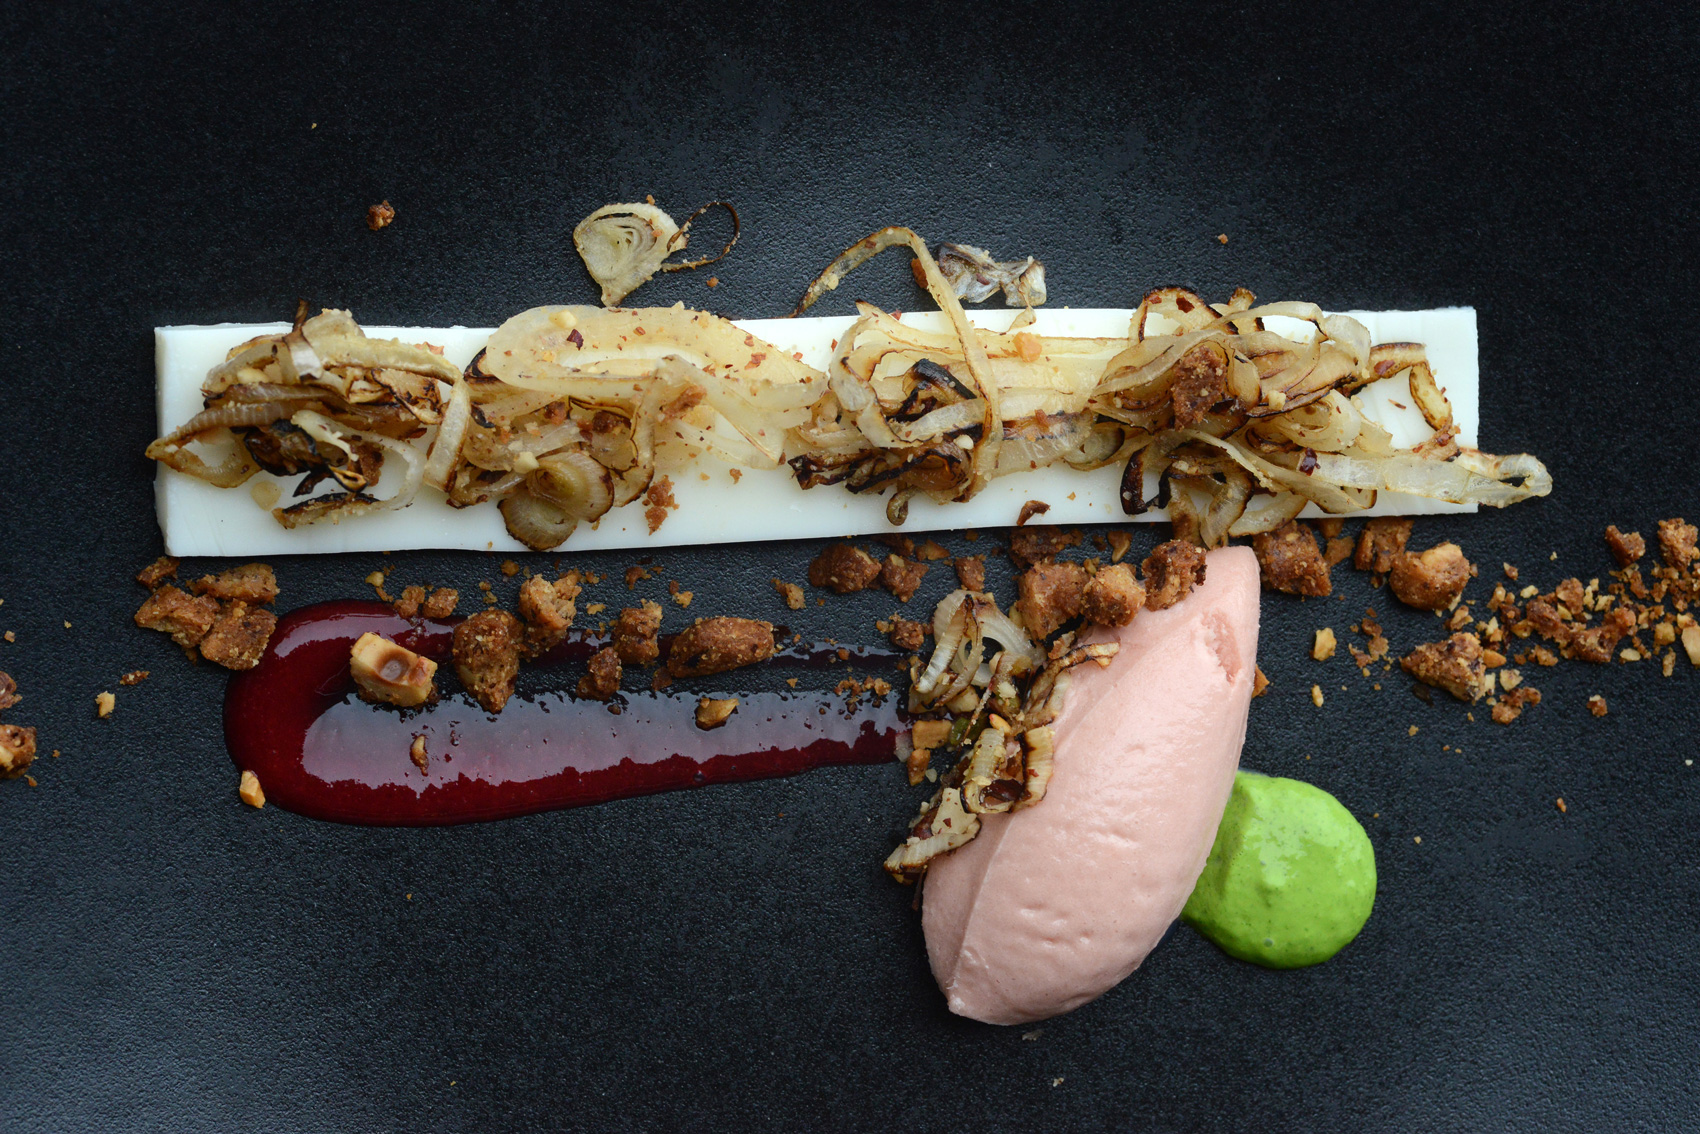 Panna cotta aux oignons doux des Cévennes, crumble à la noisette et sorbet à la tomate